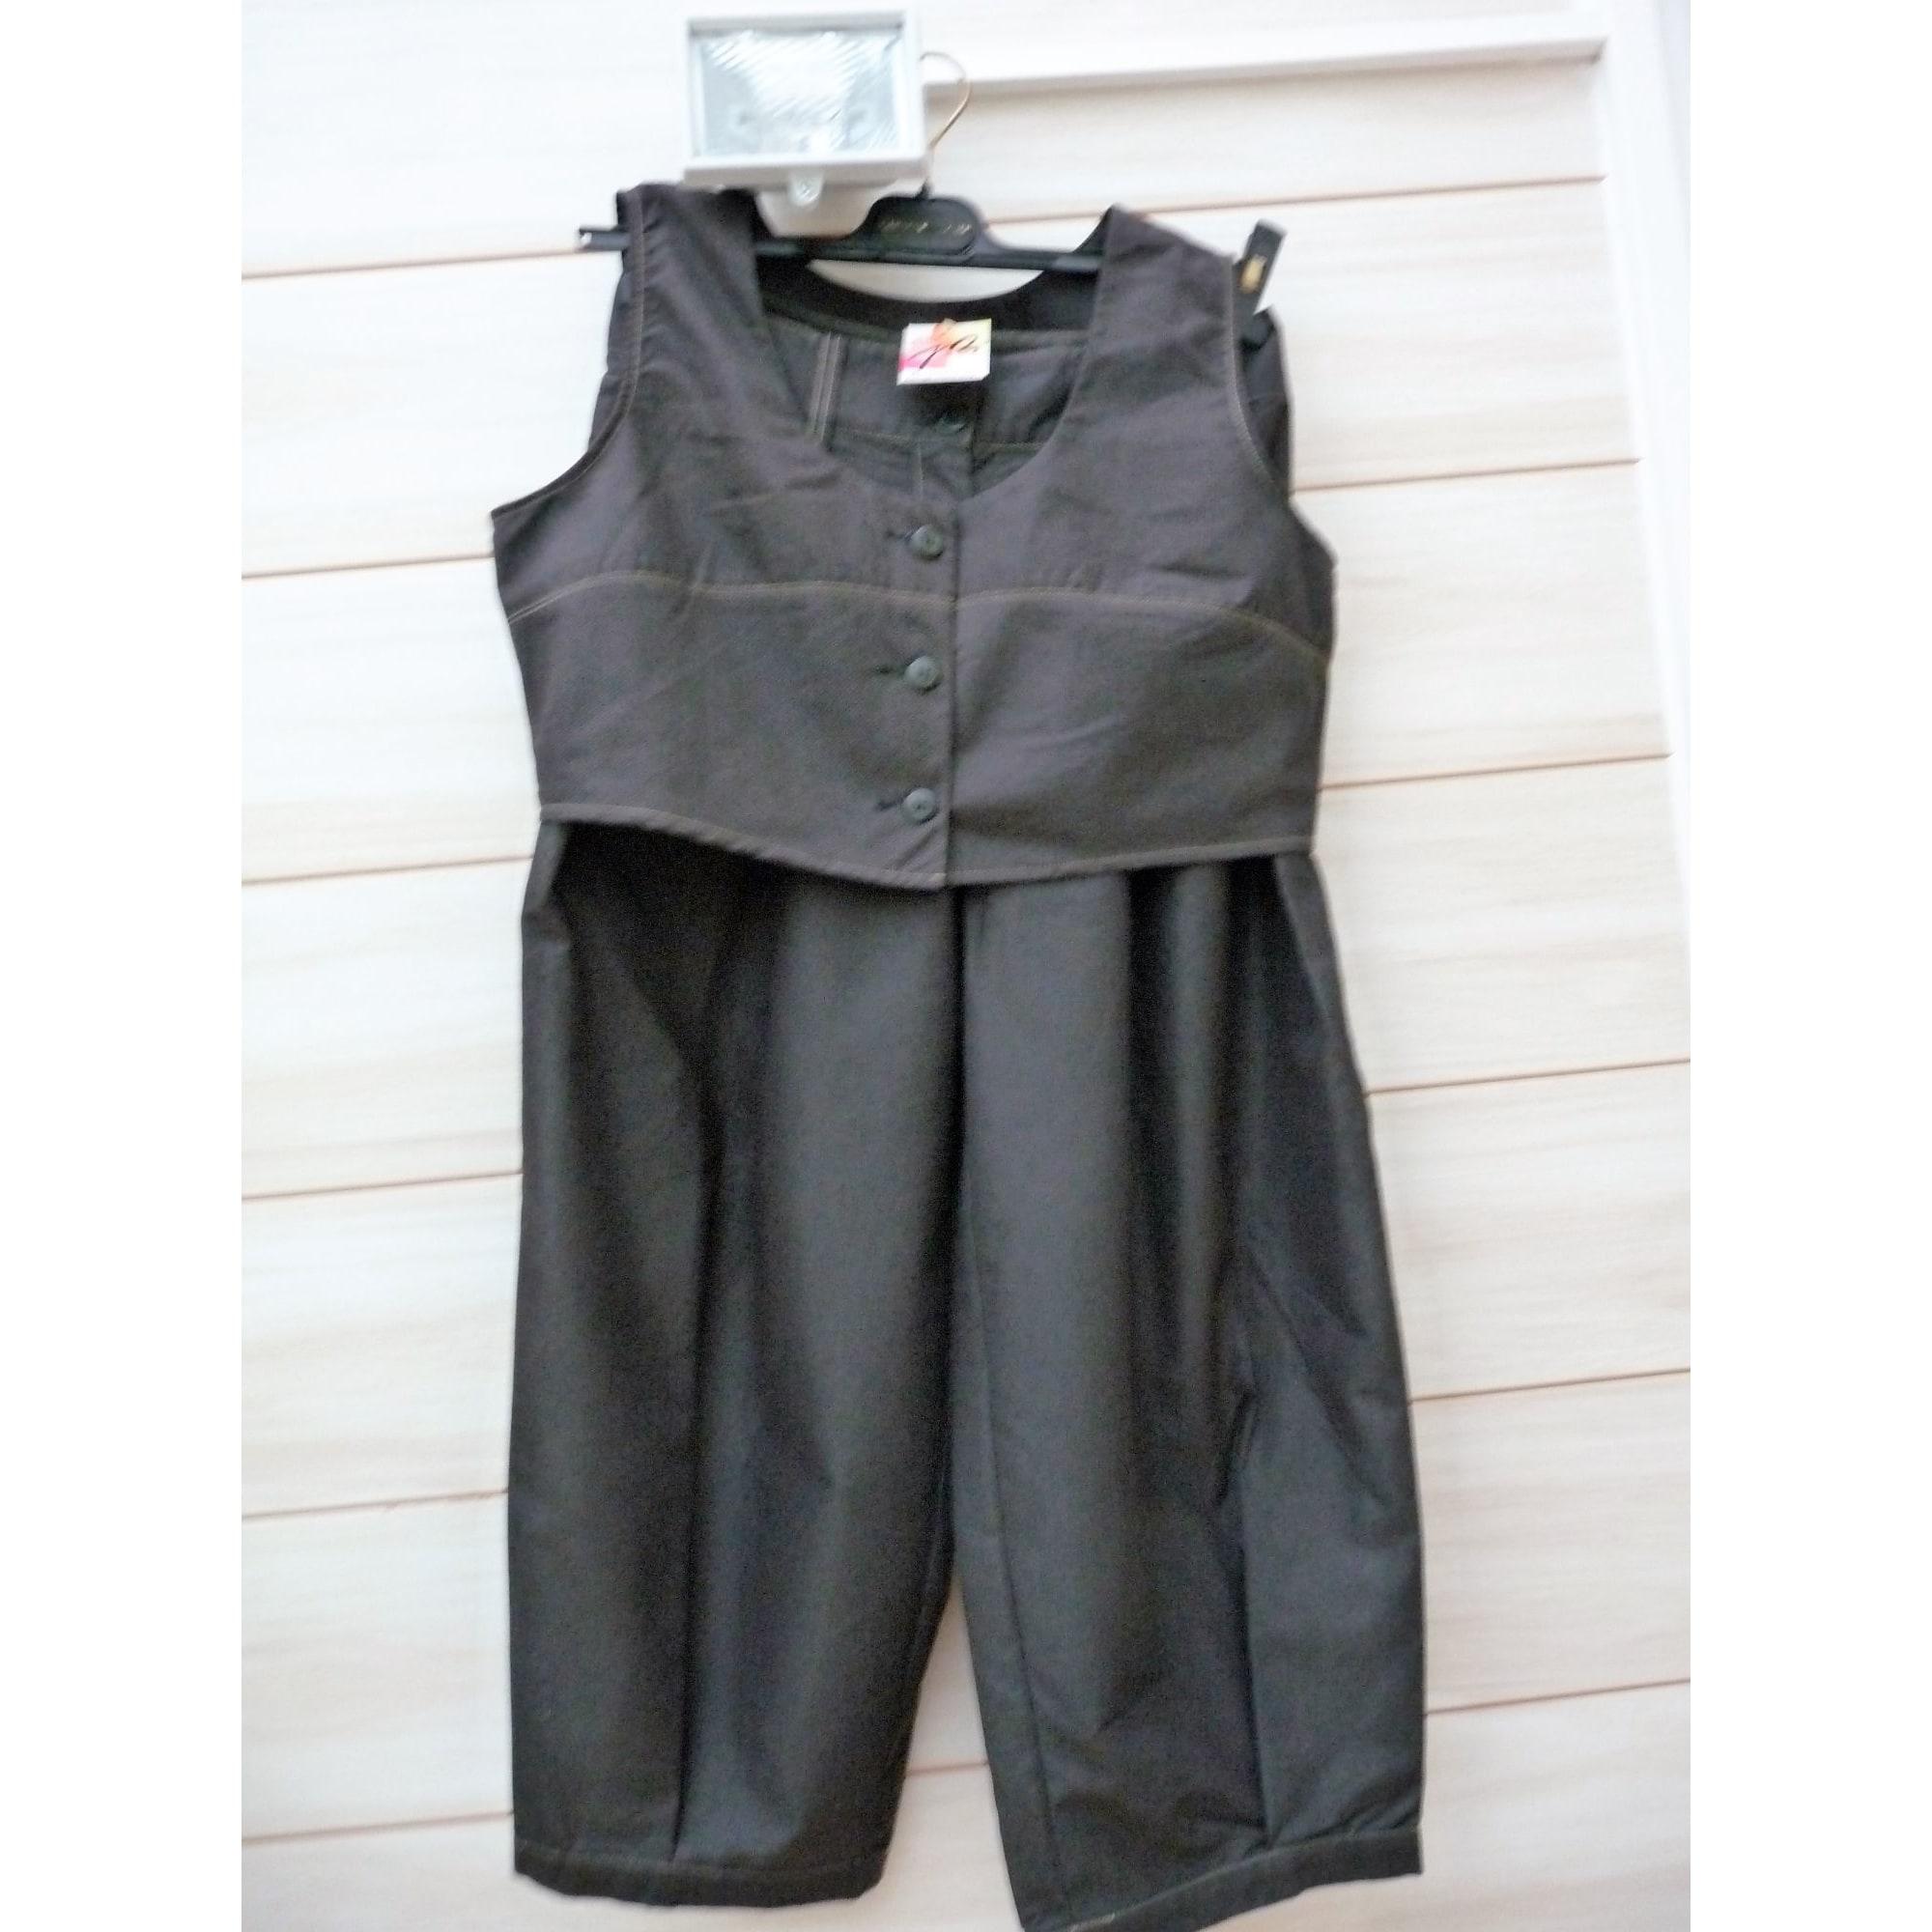 Tailleur pantalon JACQUELINE RIU Gris, anthracite